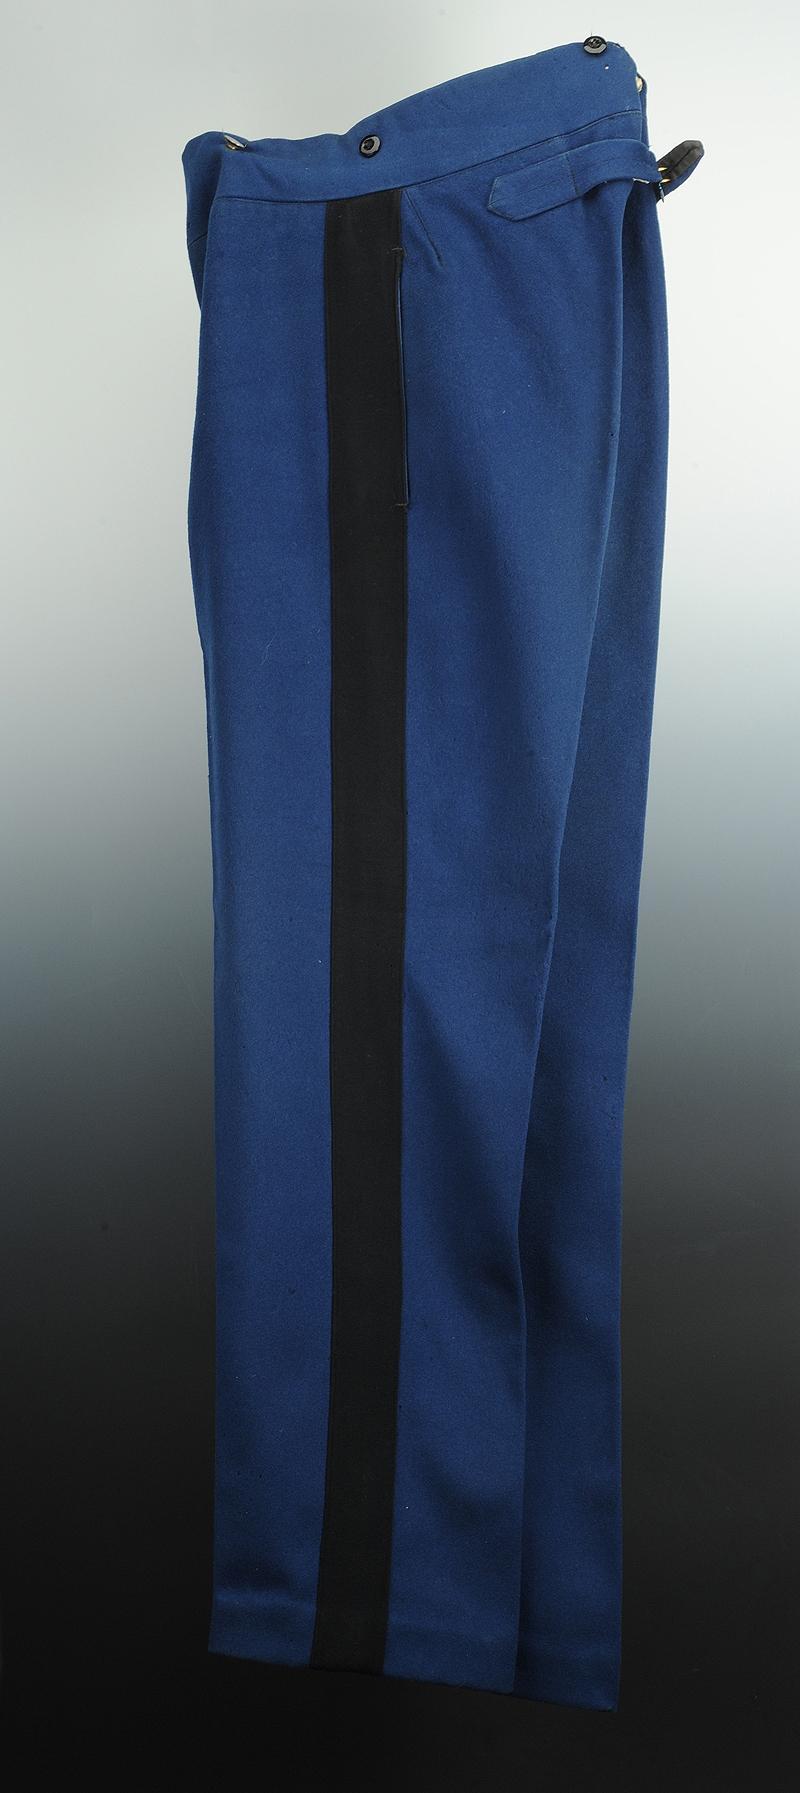 pantalon droit de gendarme  mod u00e8le 1895